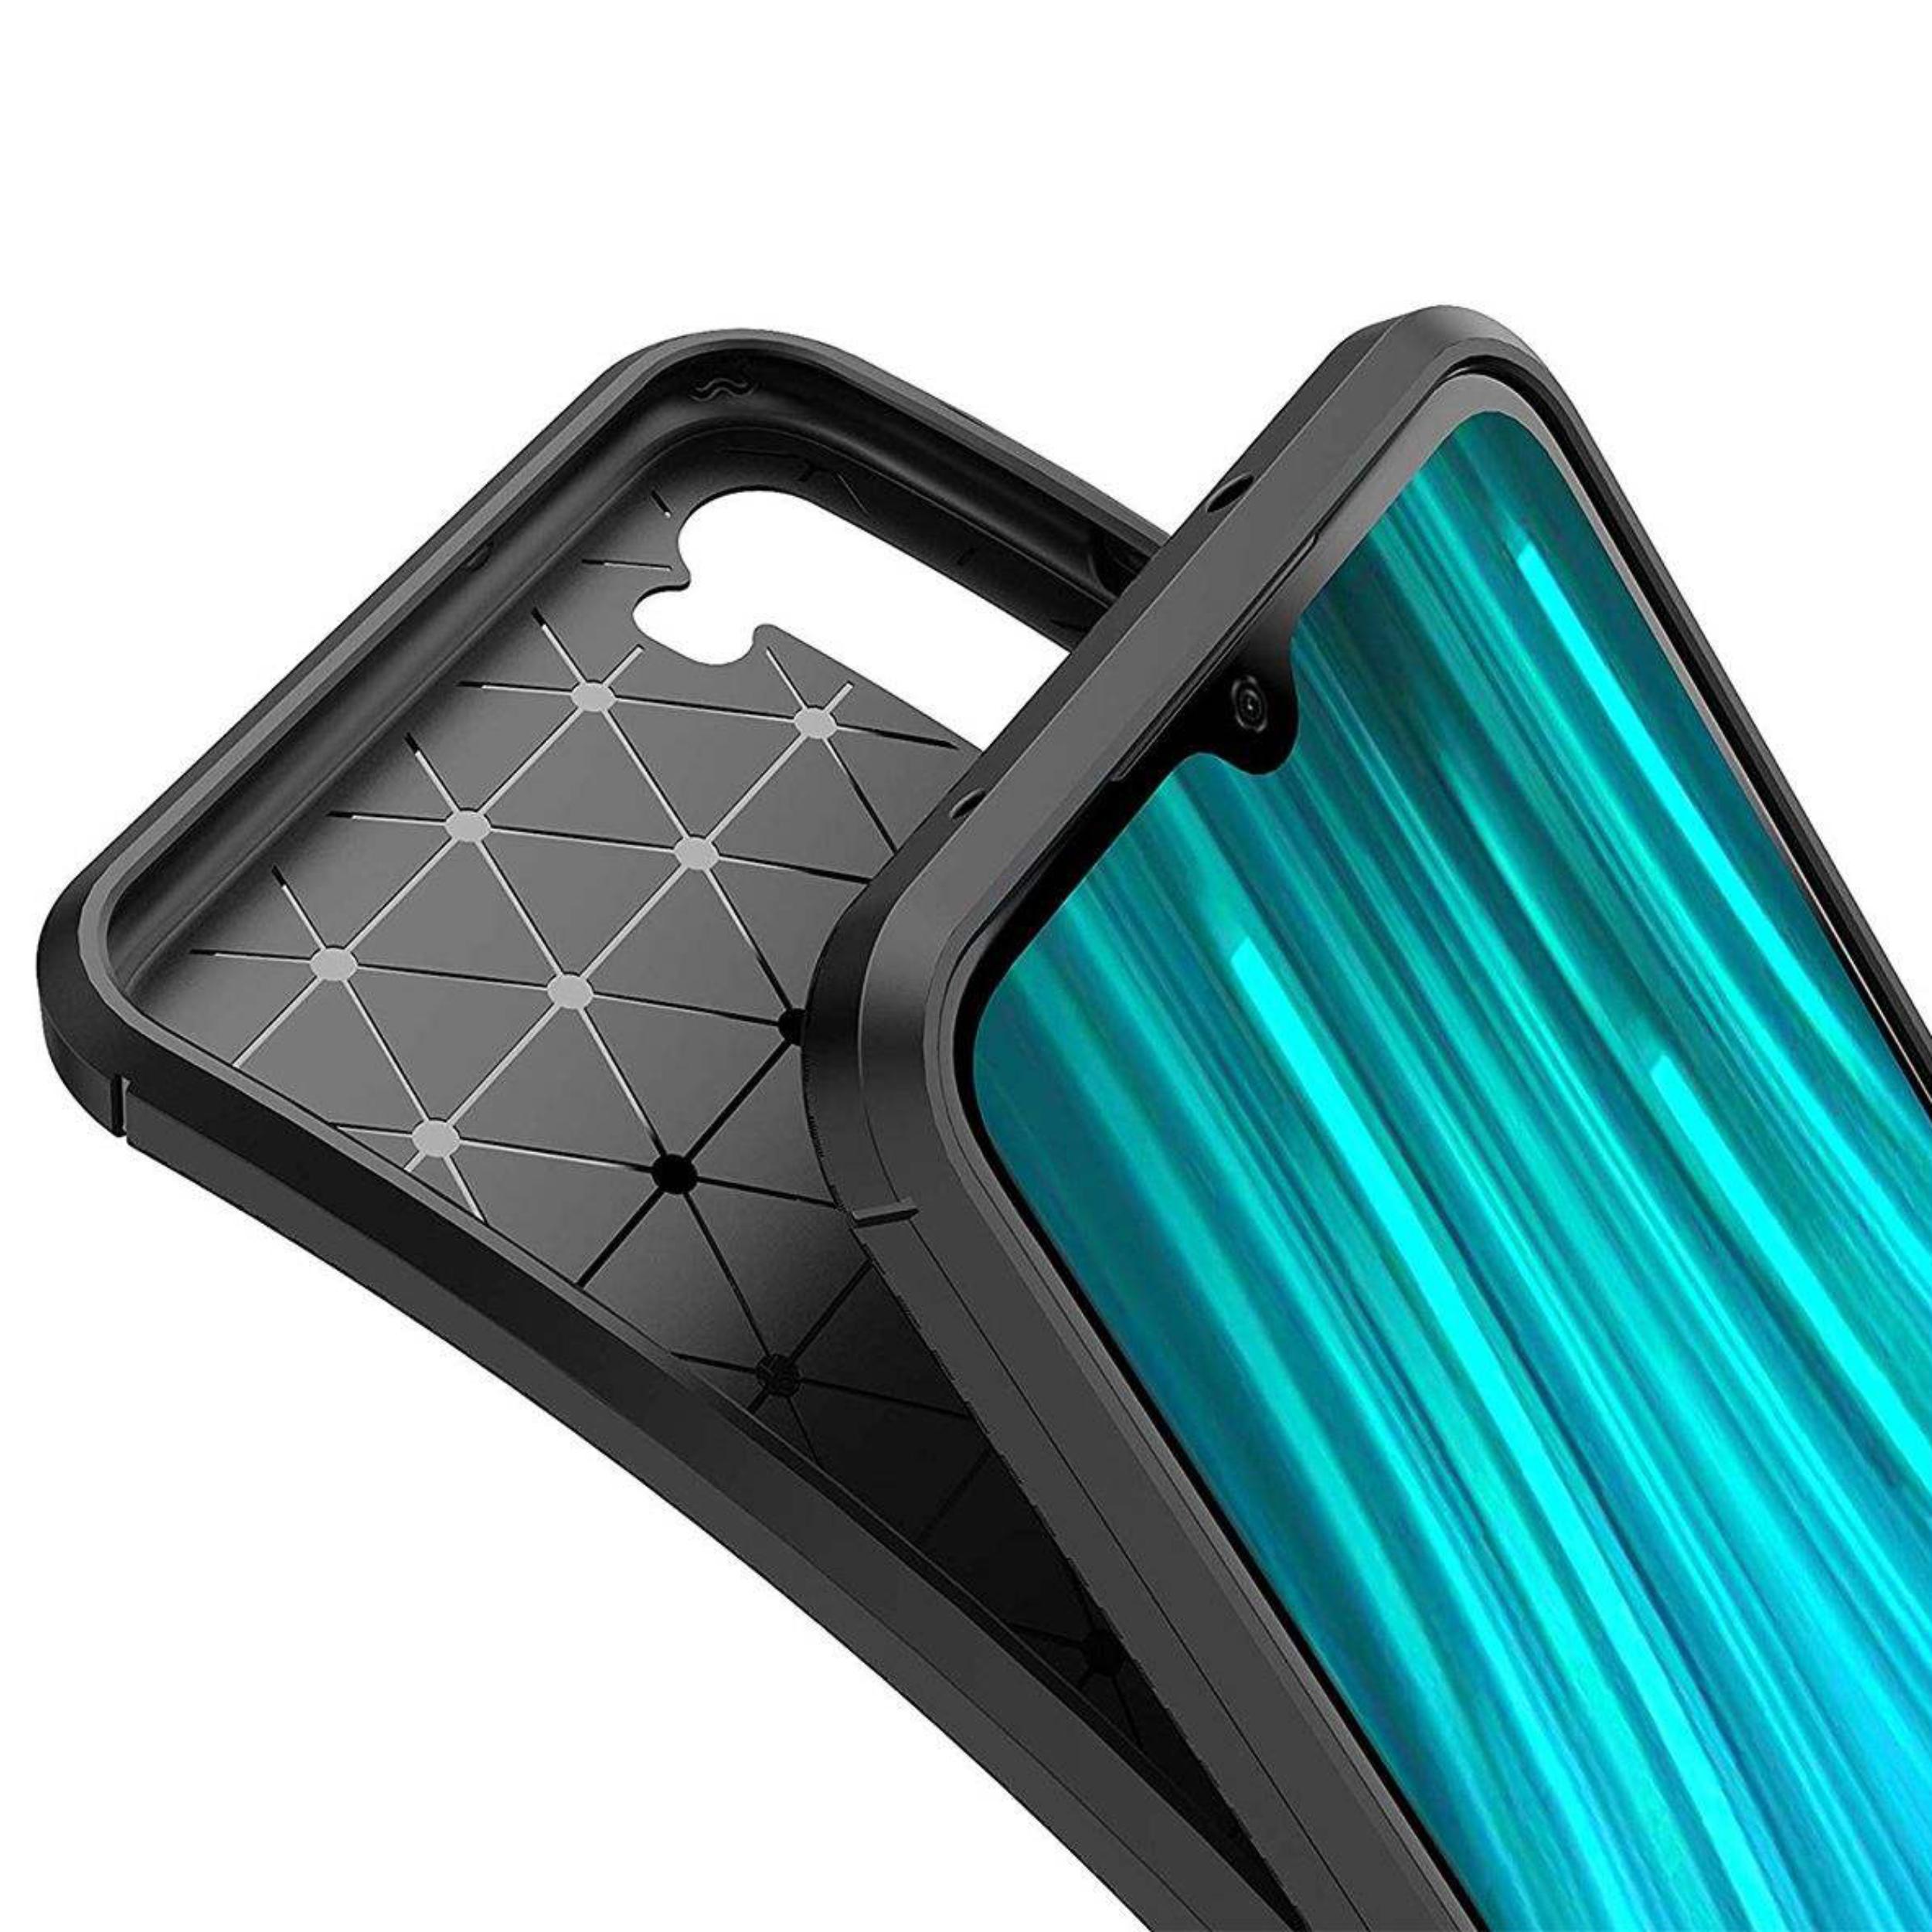 کاور لاین کینگ مدل A21 مناسب برای گوشی موبایل شیائومی Redmi Note 8T thumb 2 3